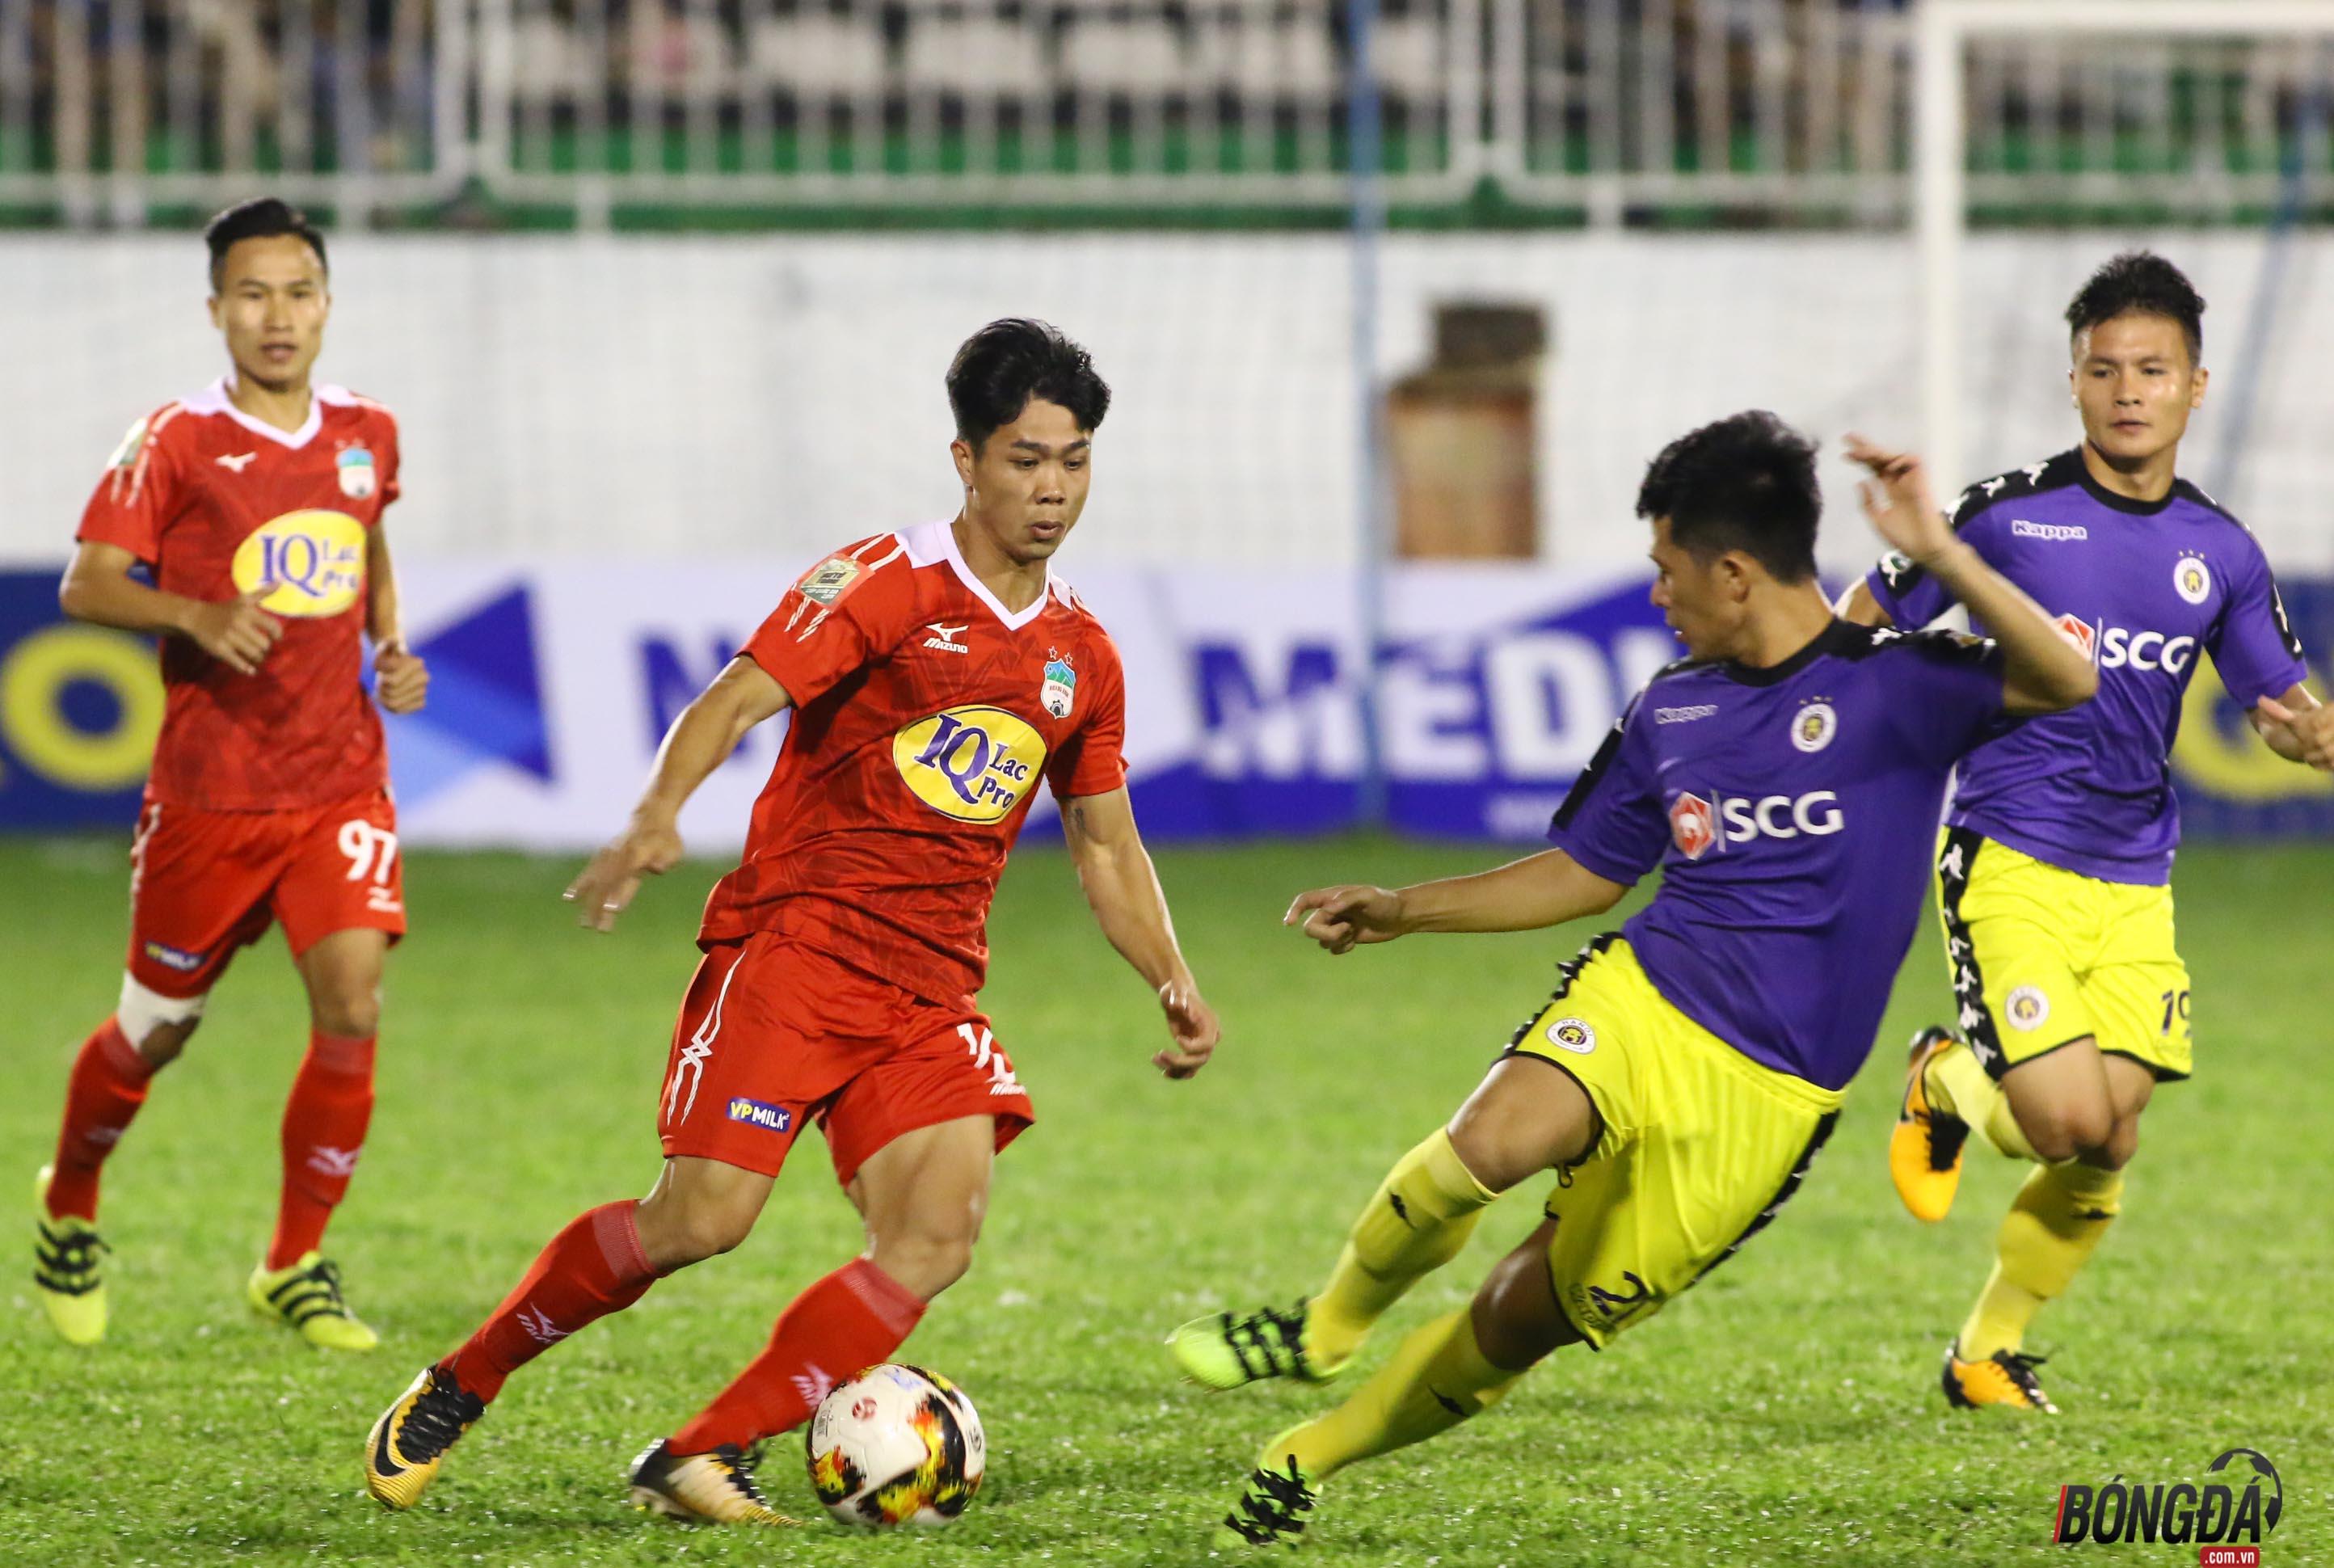 TRỰC TIẾP HAGL 2-4 Hà Nội FC (HIỆP 2): Công Phượng rút ngắn tỉ số - Bóng Đá